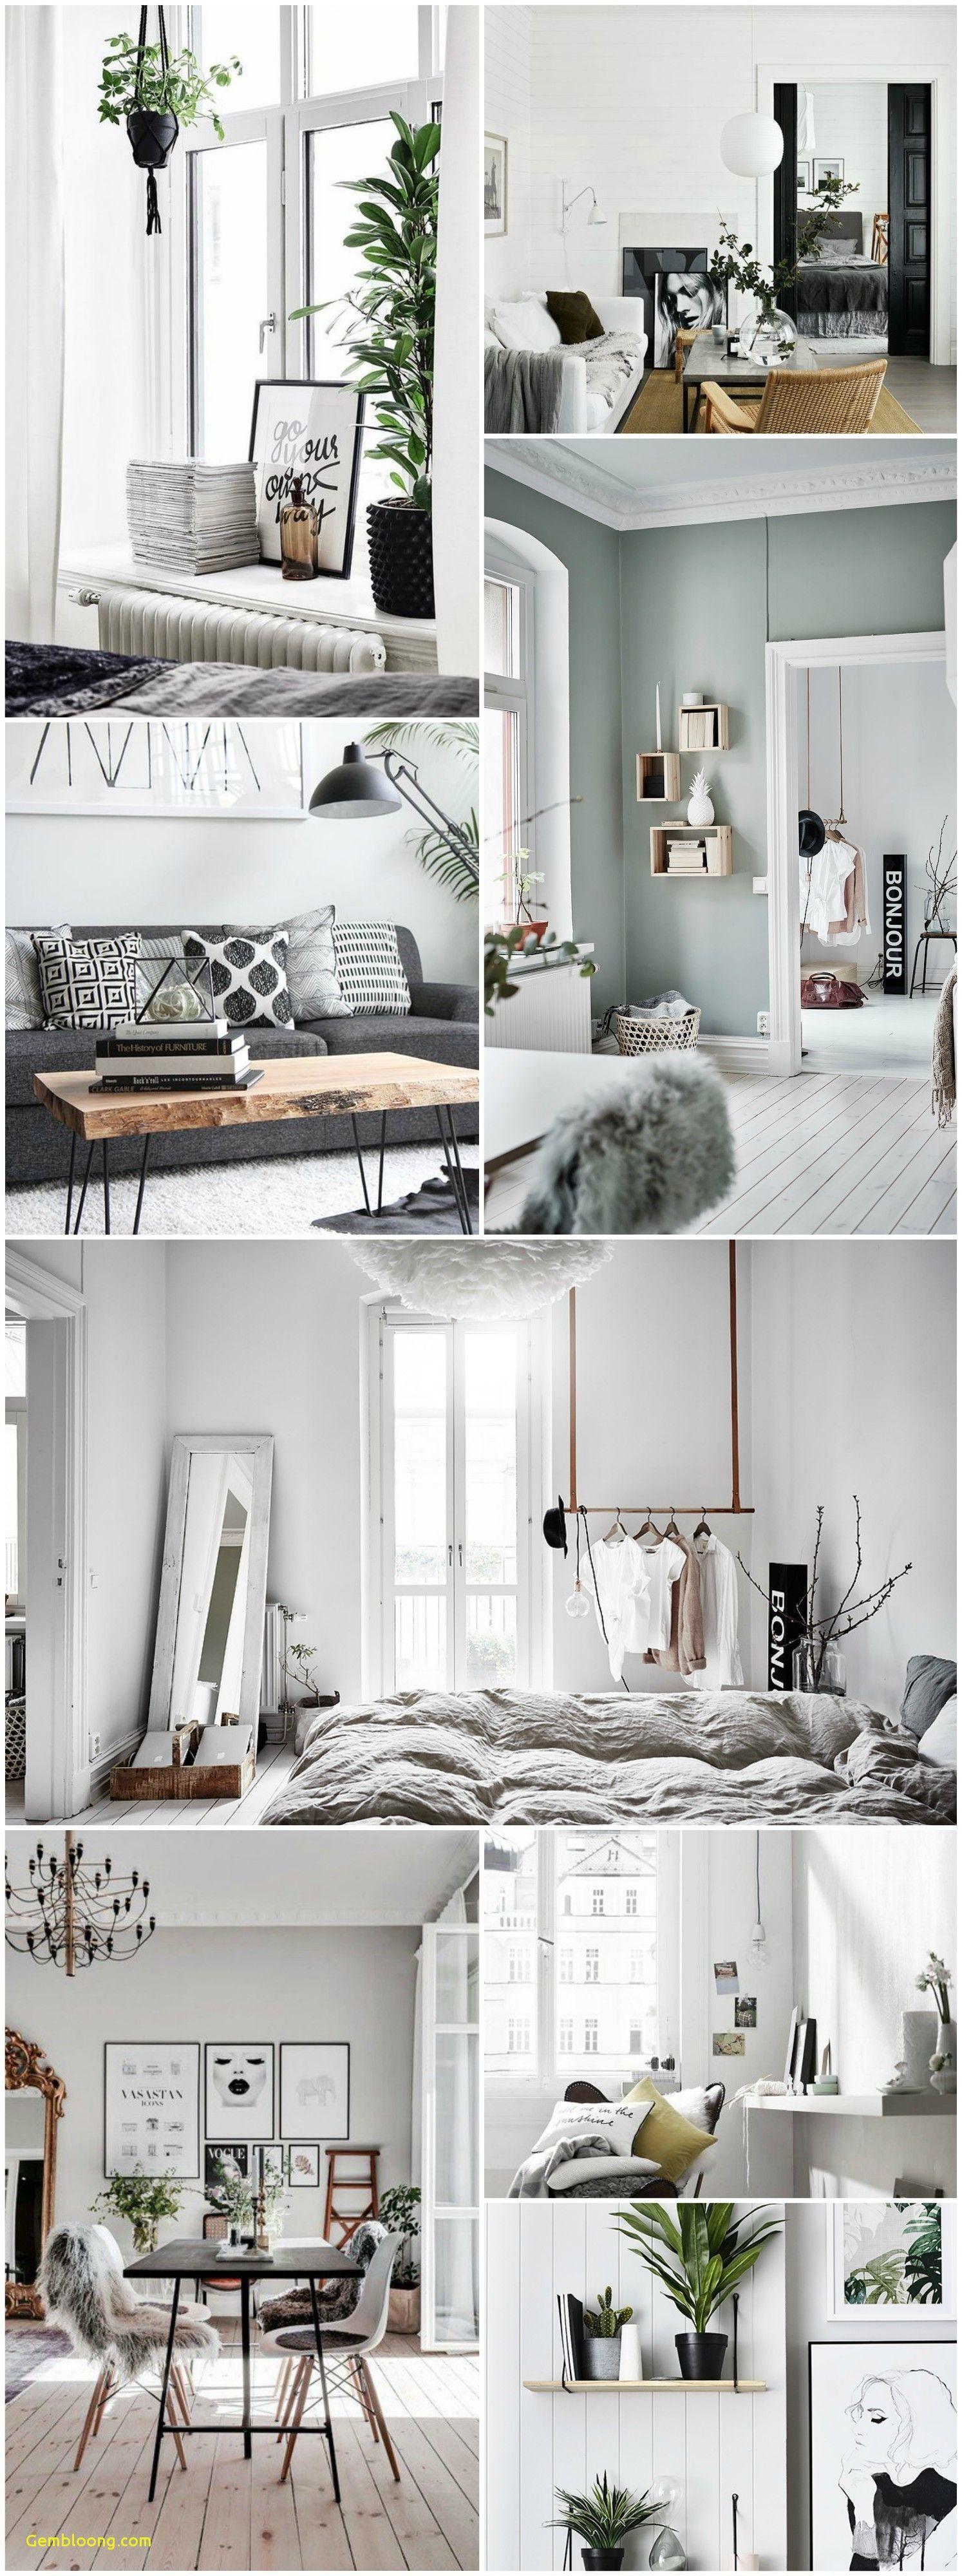 Ikea Home Designer Ikea Design Ikeahomeplanner Ikeakitchendesigner Homedesign Ikeakitchendesign Wohnung Wohnung Einrichten Ideen Schlafzimmer Einrichten